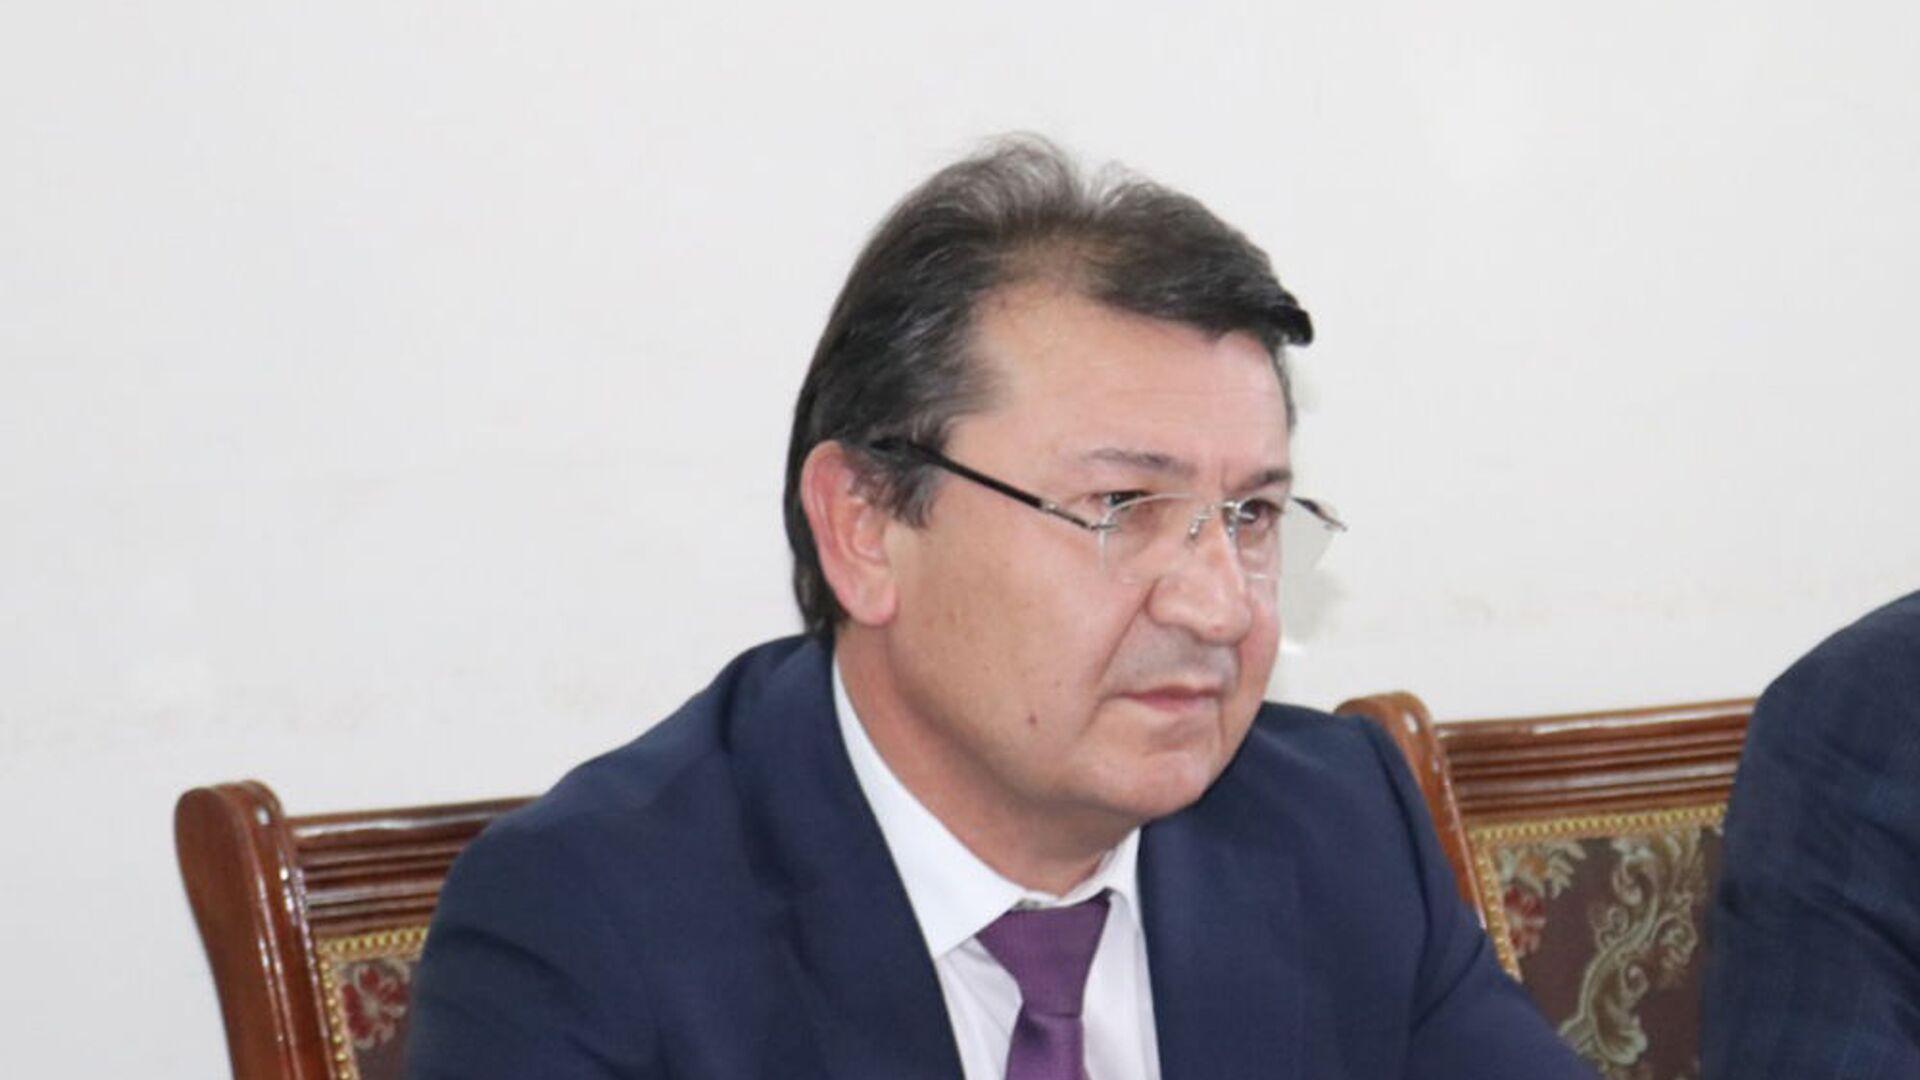 Джамолиддин Абдуллозода министр здравоохранения РТ - Sputnik Таджикистан, 1920, 27.07.2021